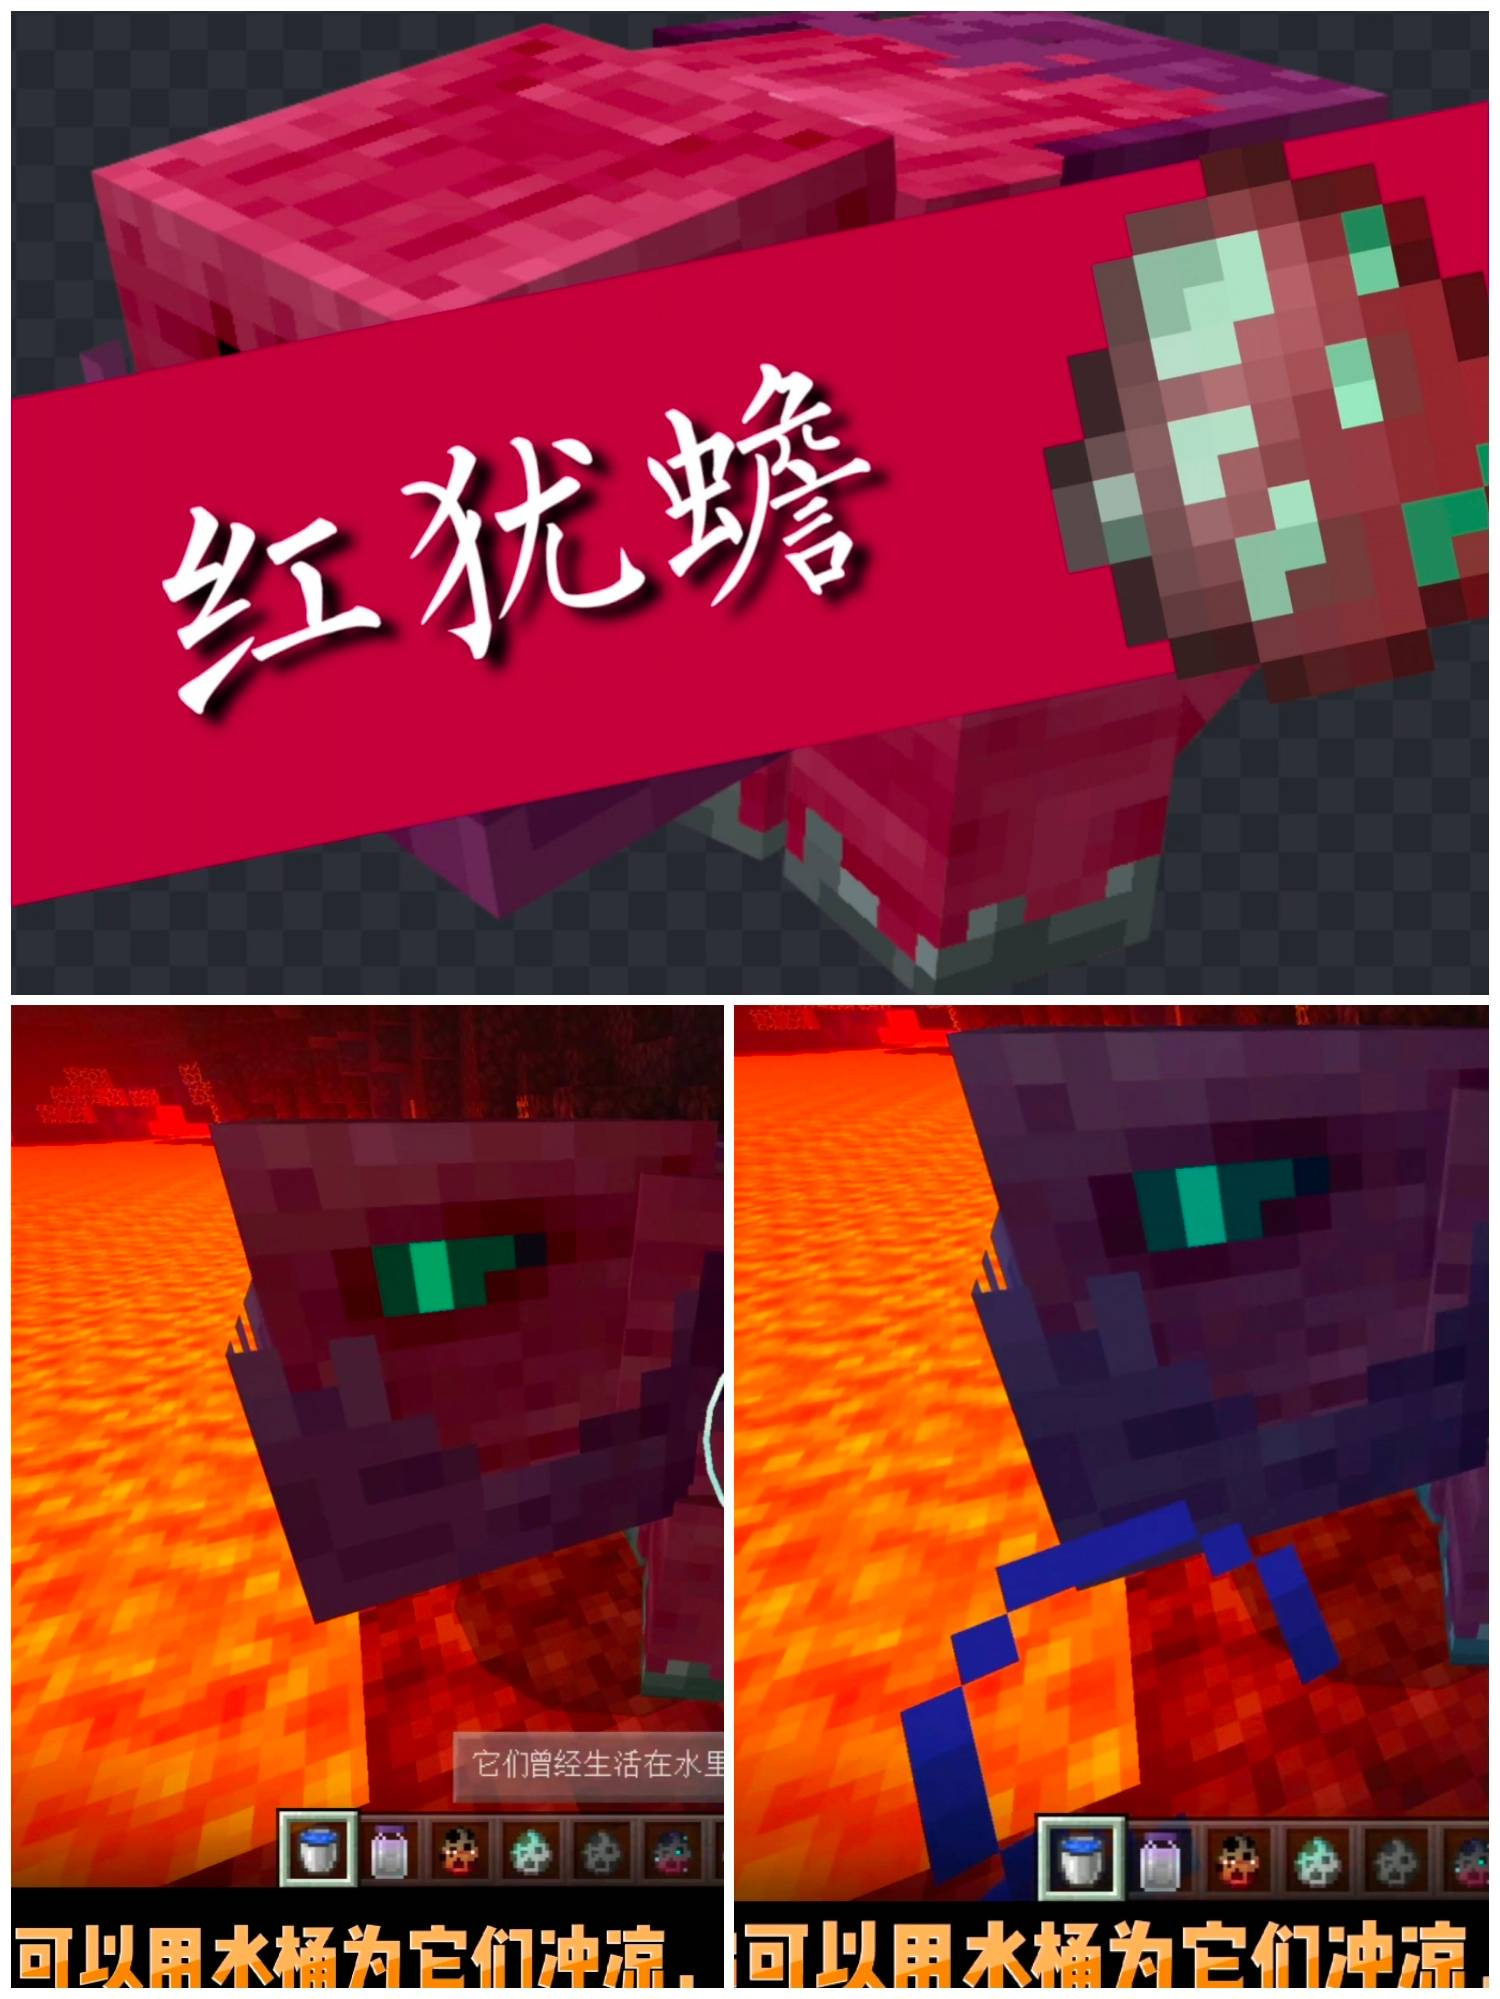 file_1600144051000.jpg